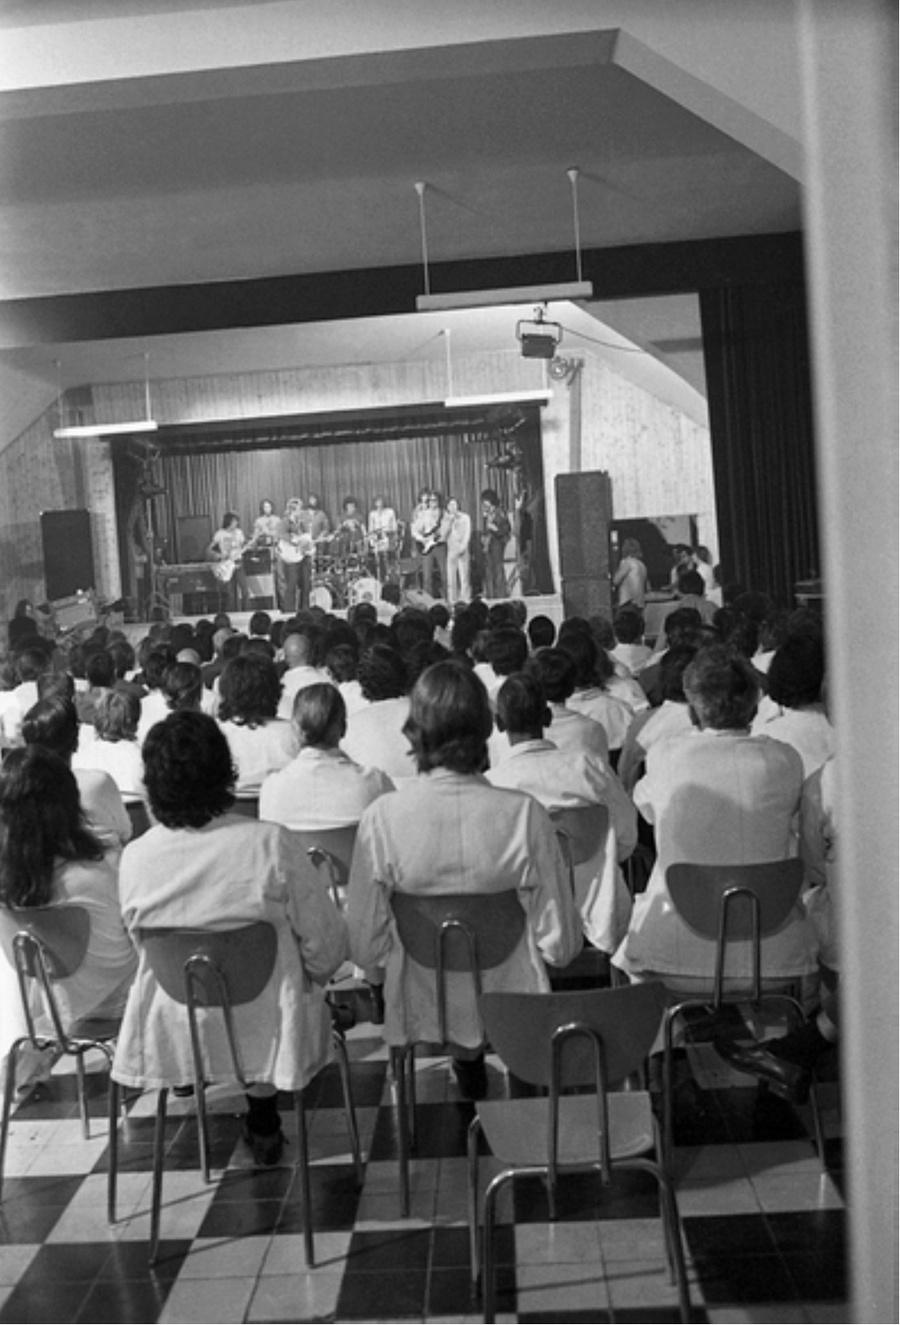 LES CONCERTS DE JOHNNY 'PRISON DE BOCHUZ, SUISSE 1974' Captur95